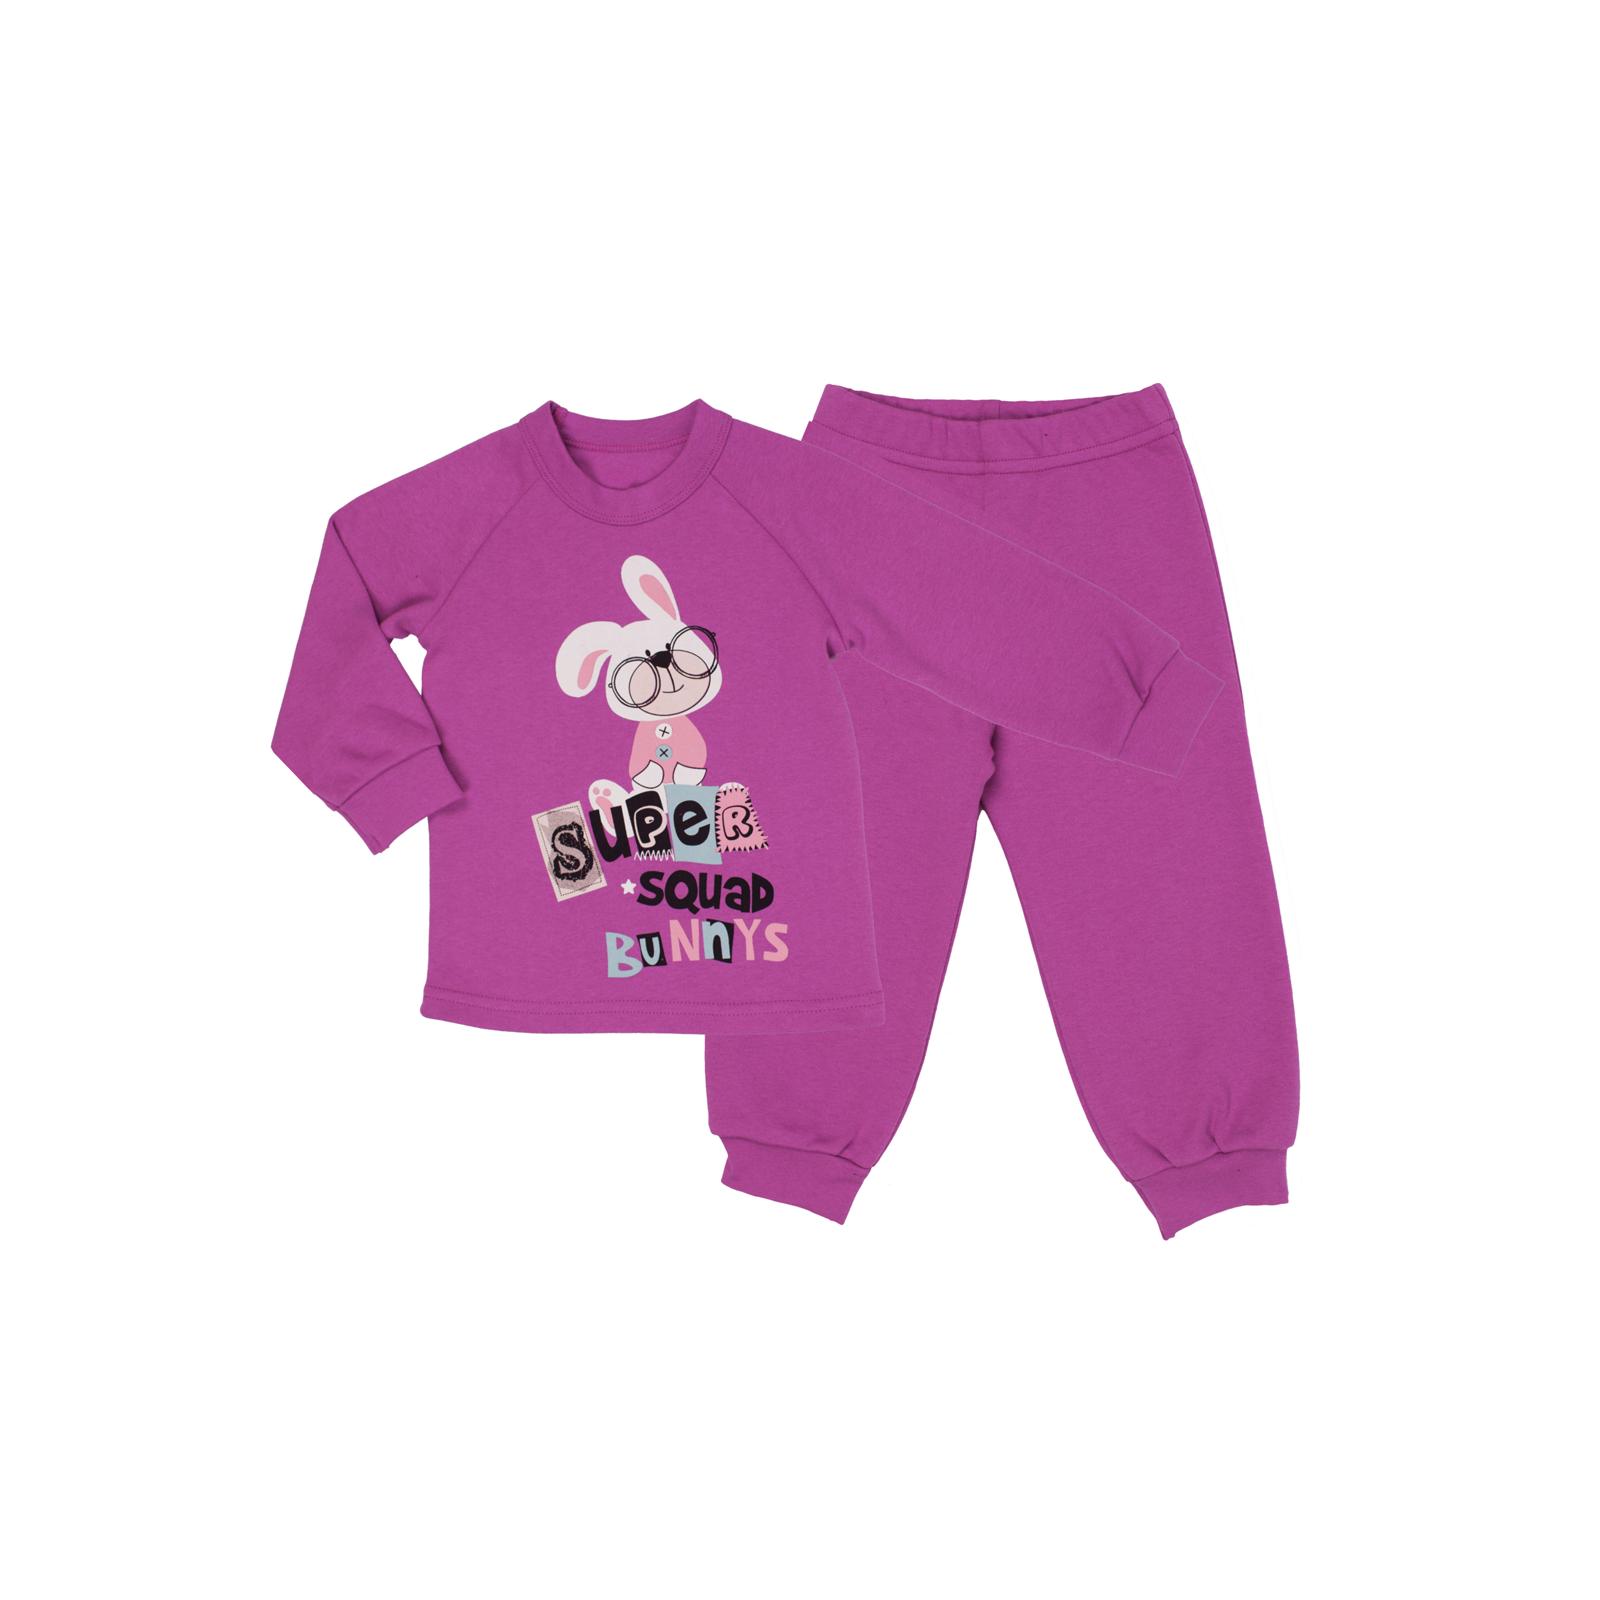 Комплект Бимоша для девочки: джемпер+брюки, цвет сиреневый (132069) 12-18 мес.